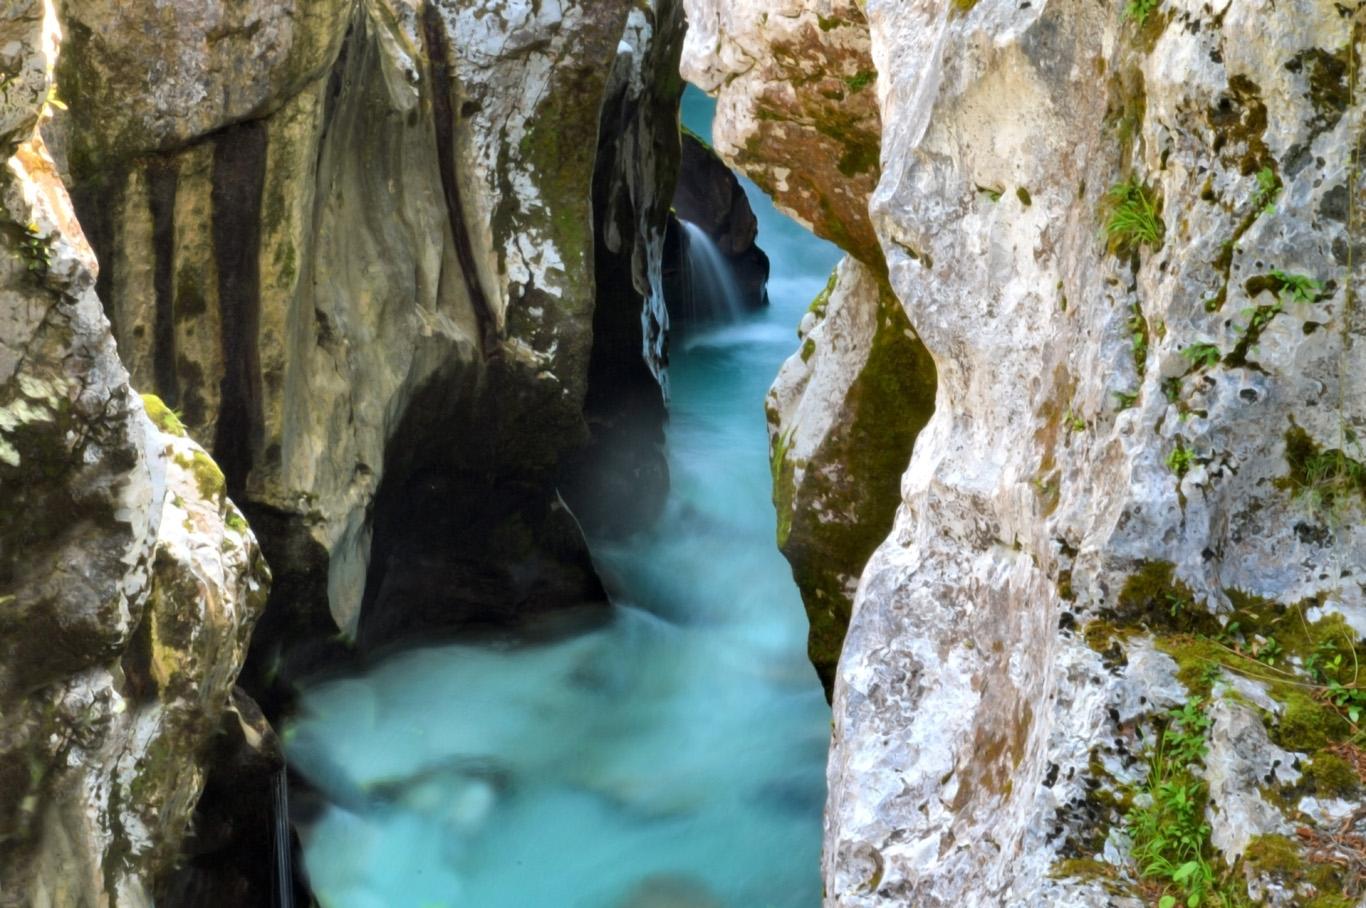 Velika Korita - Great gorge